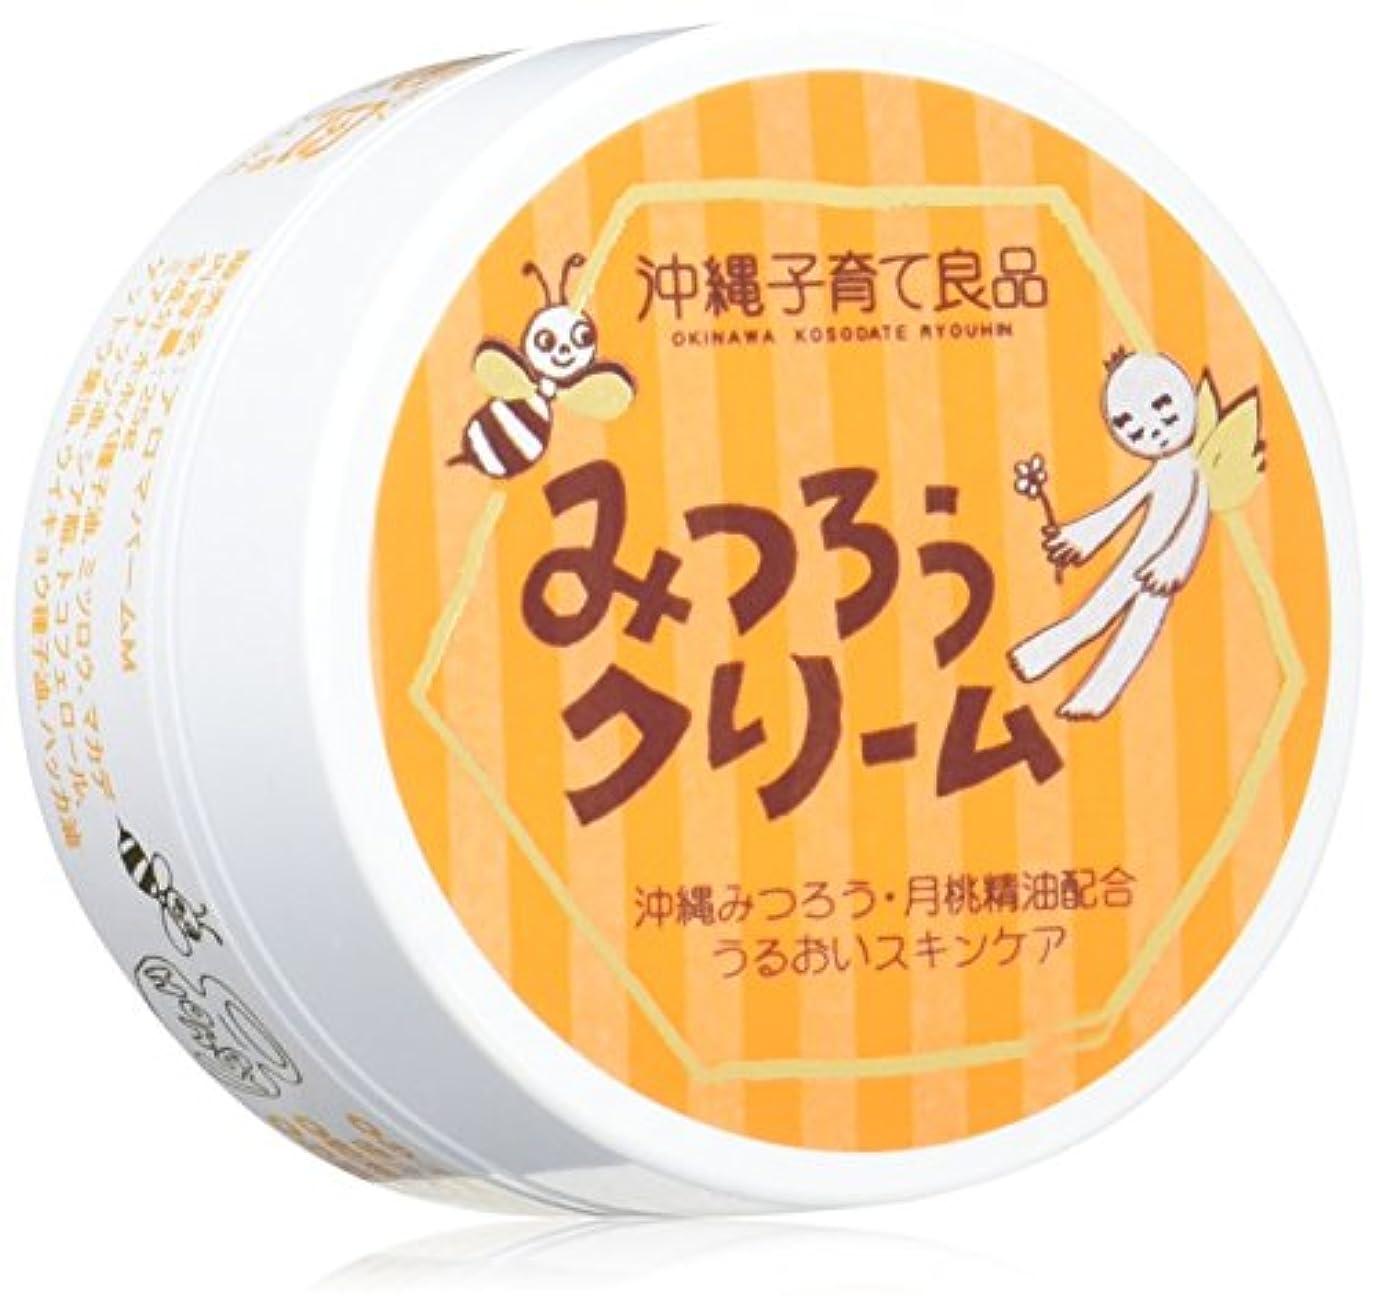 反応するビルマ確認してください沖縄子育て良品 みつろうクリーム (25g)